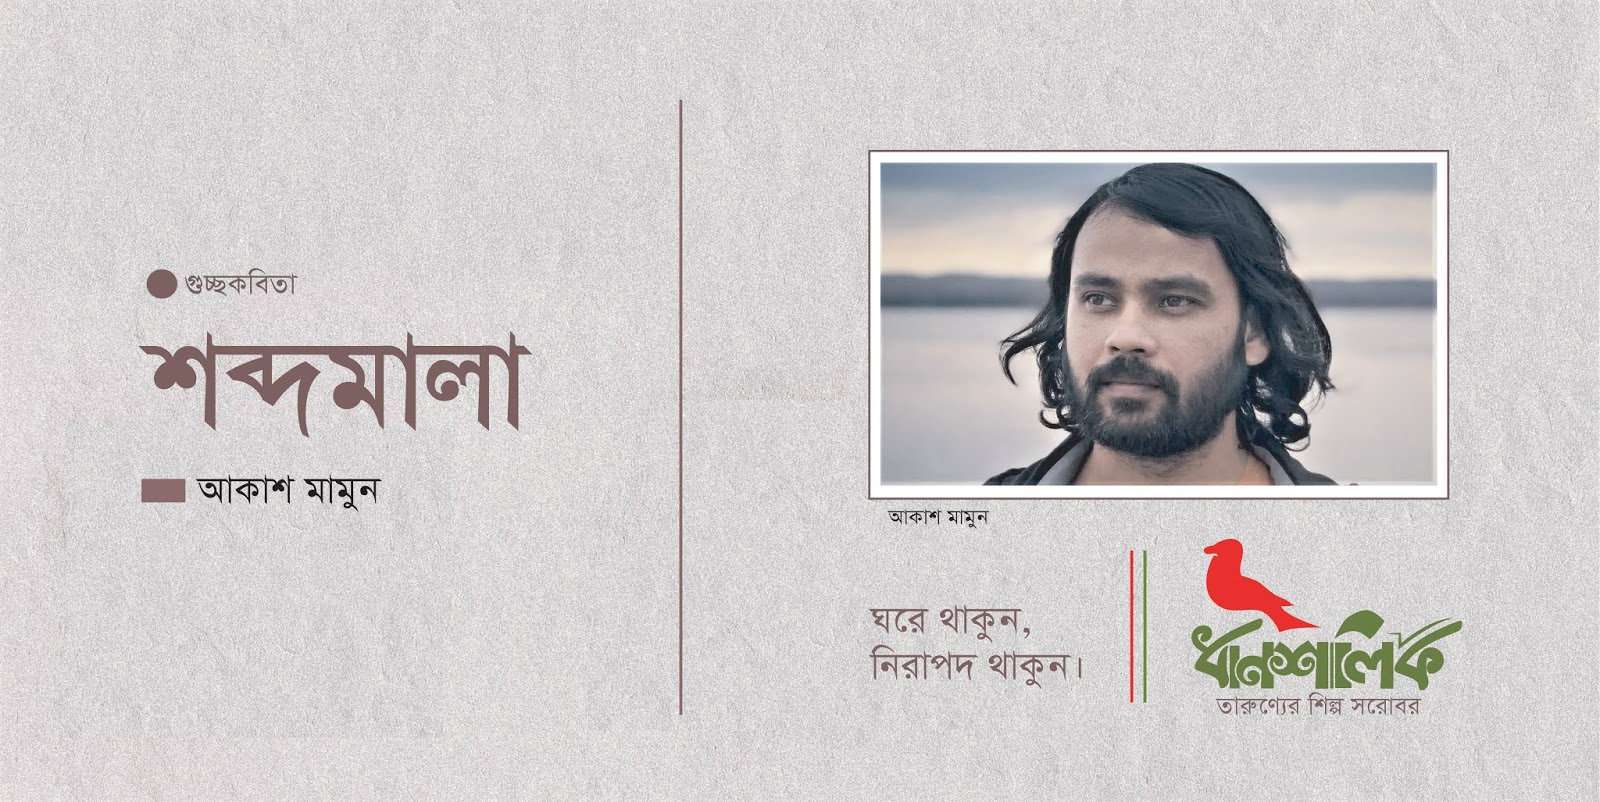 শব্দমালা :  আকাশ মামুন